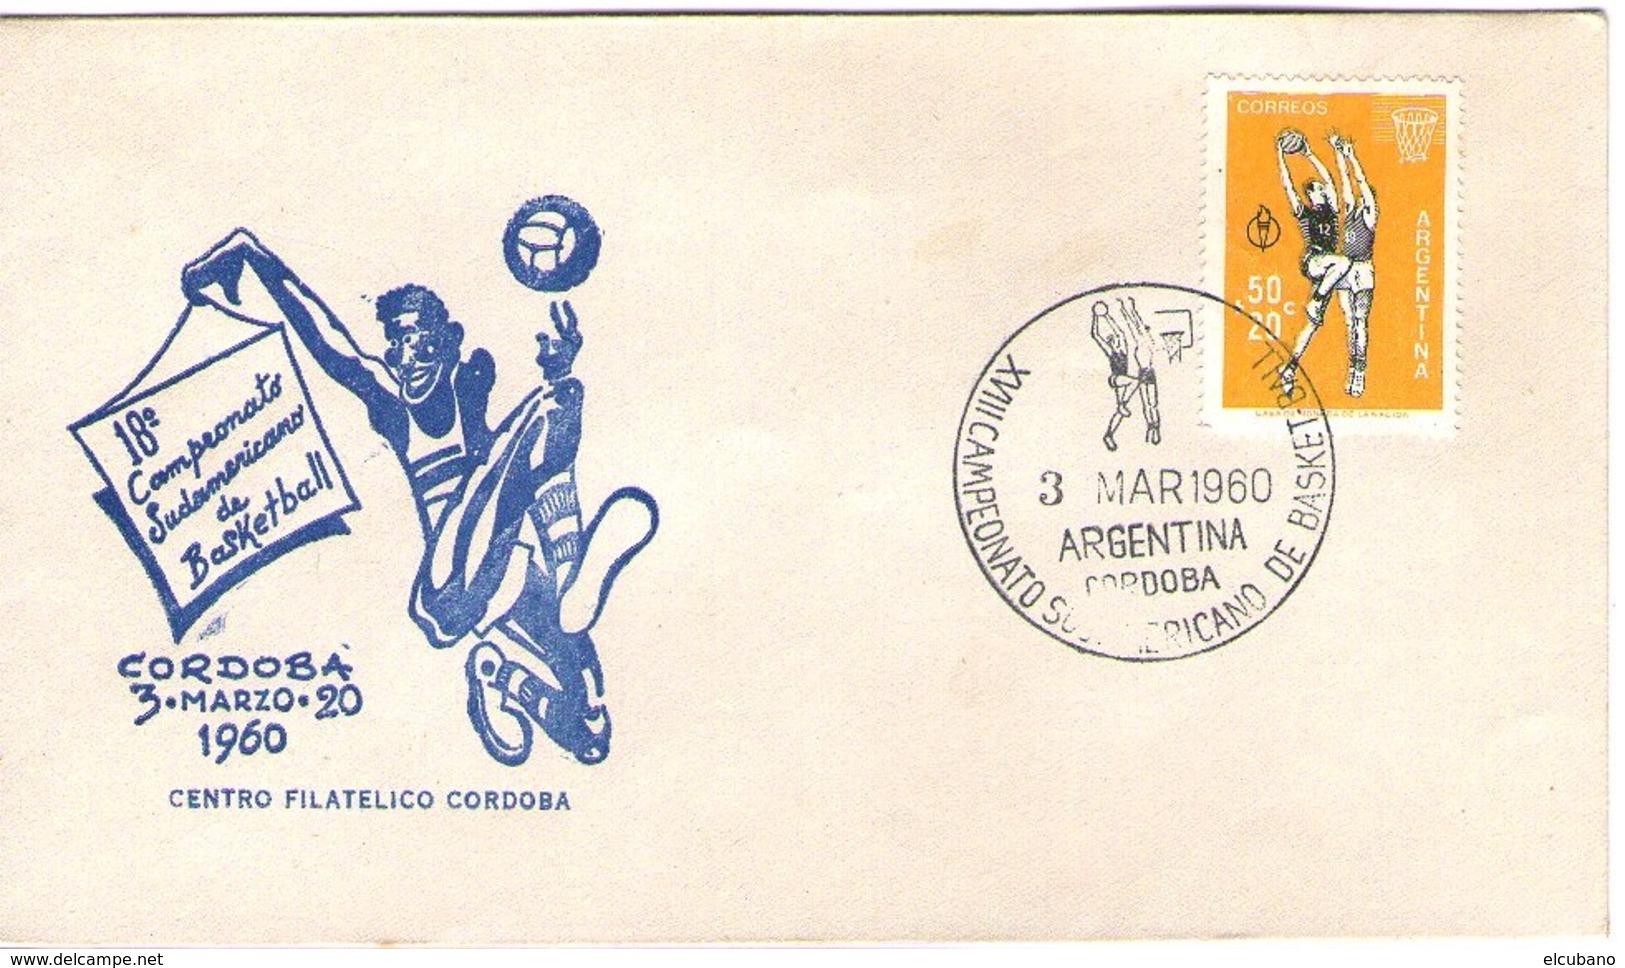 Argentina Basket Ball - Baloncesto XVIII Campionati Sudamericani Cordoba 3 Marzo 1960 Annullo Speciale - Altri